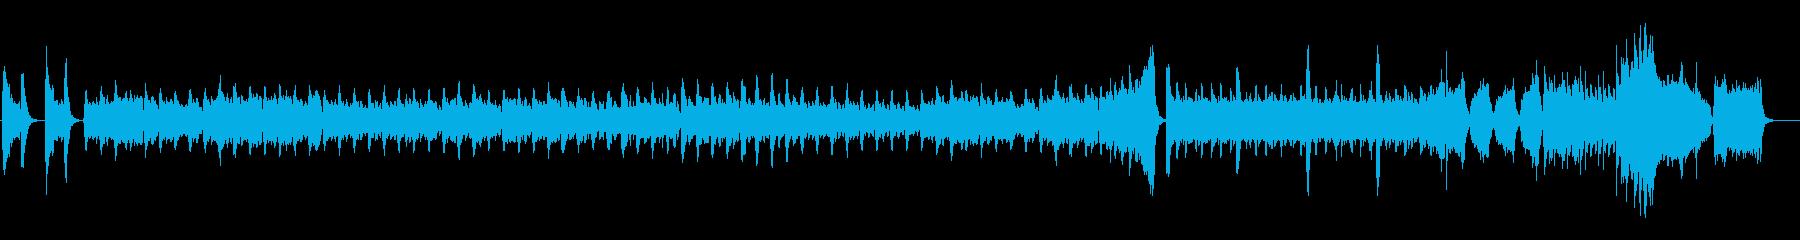 不穏なサスペンスのBGMの再生済みの波形